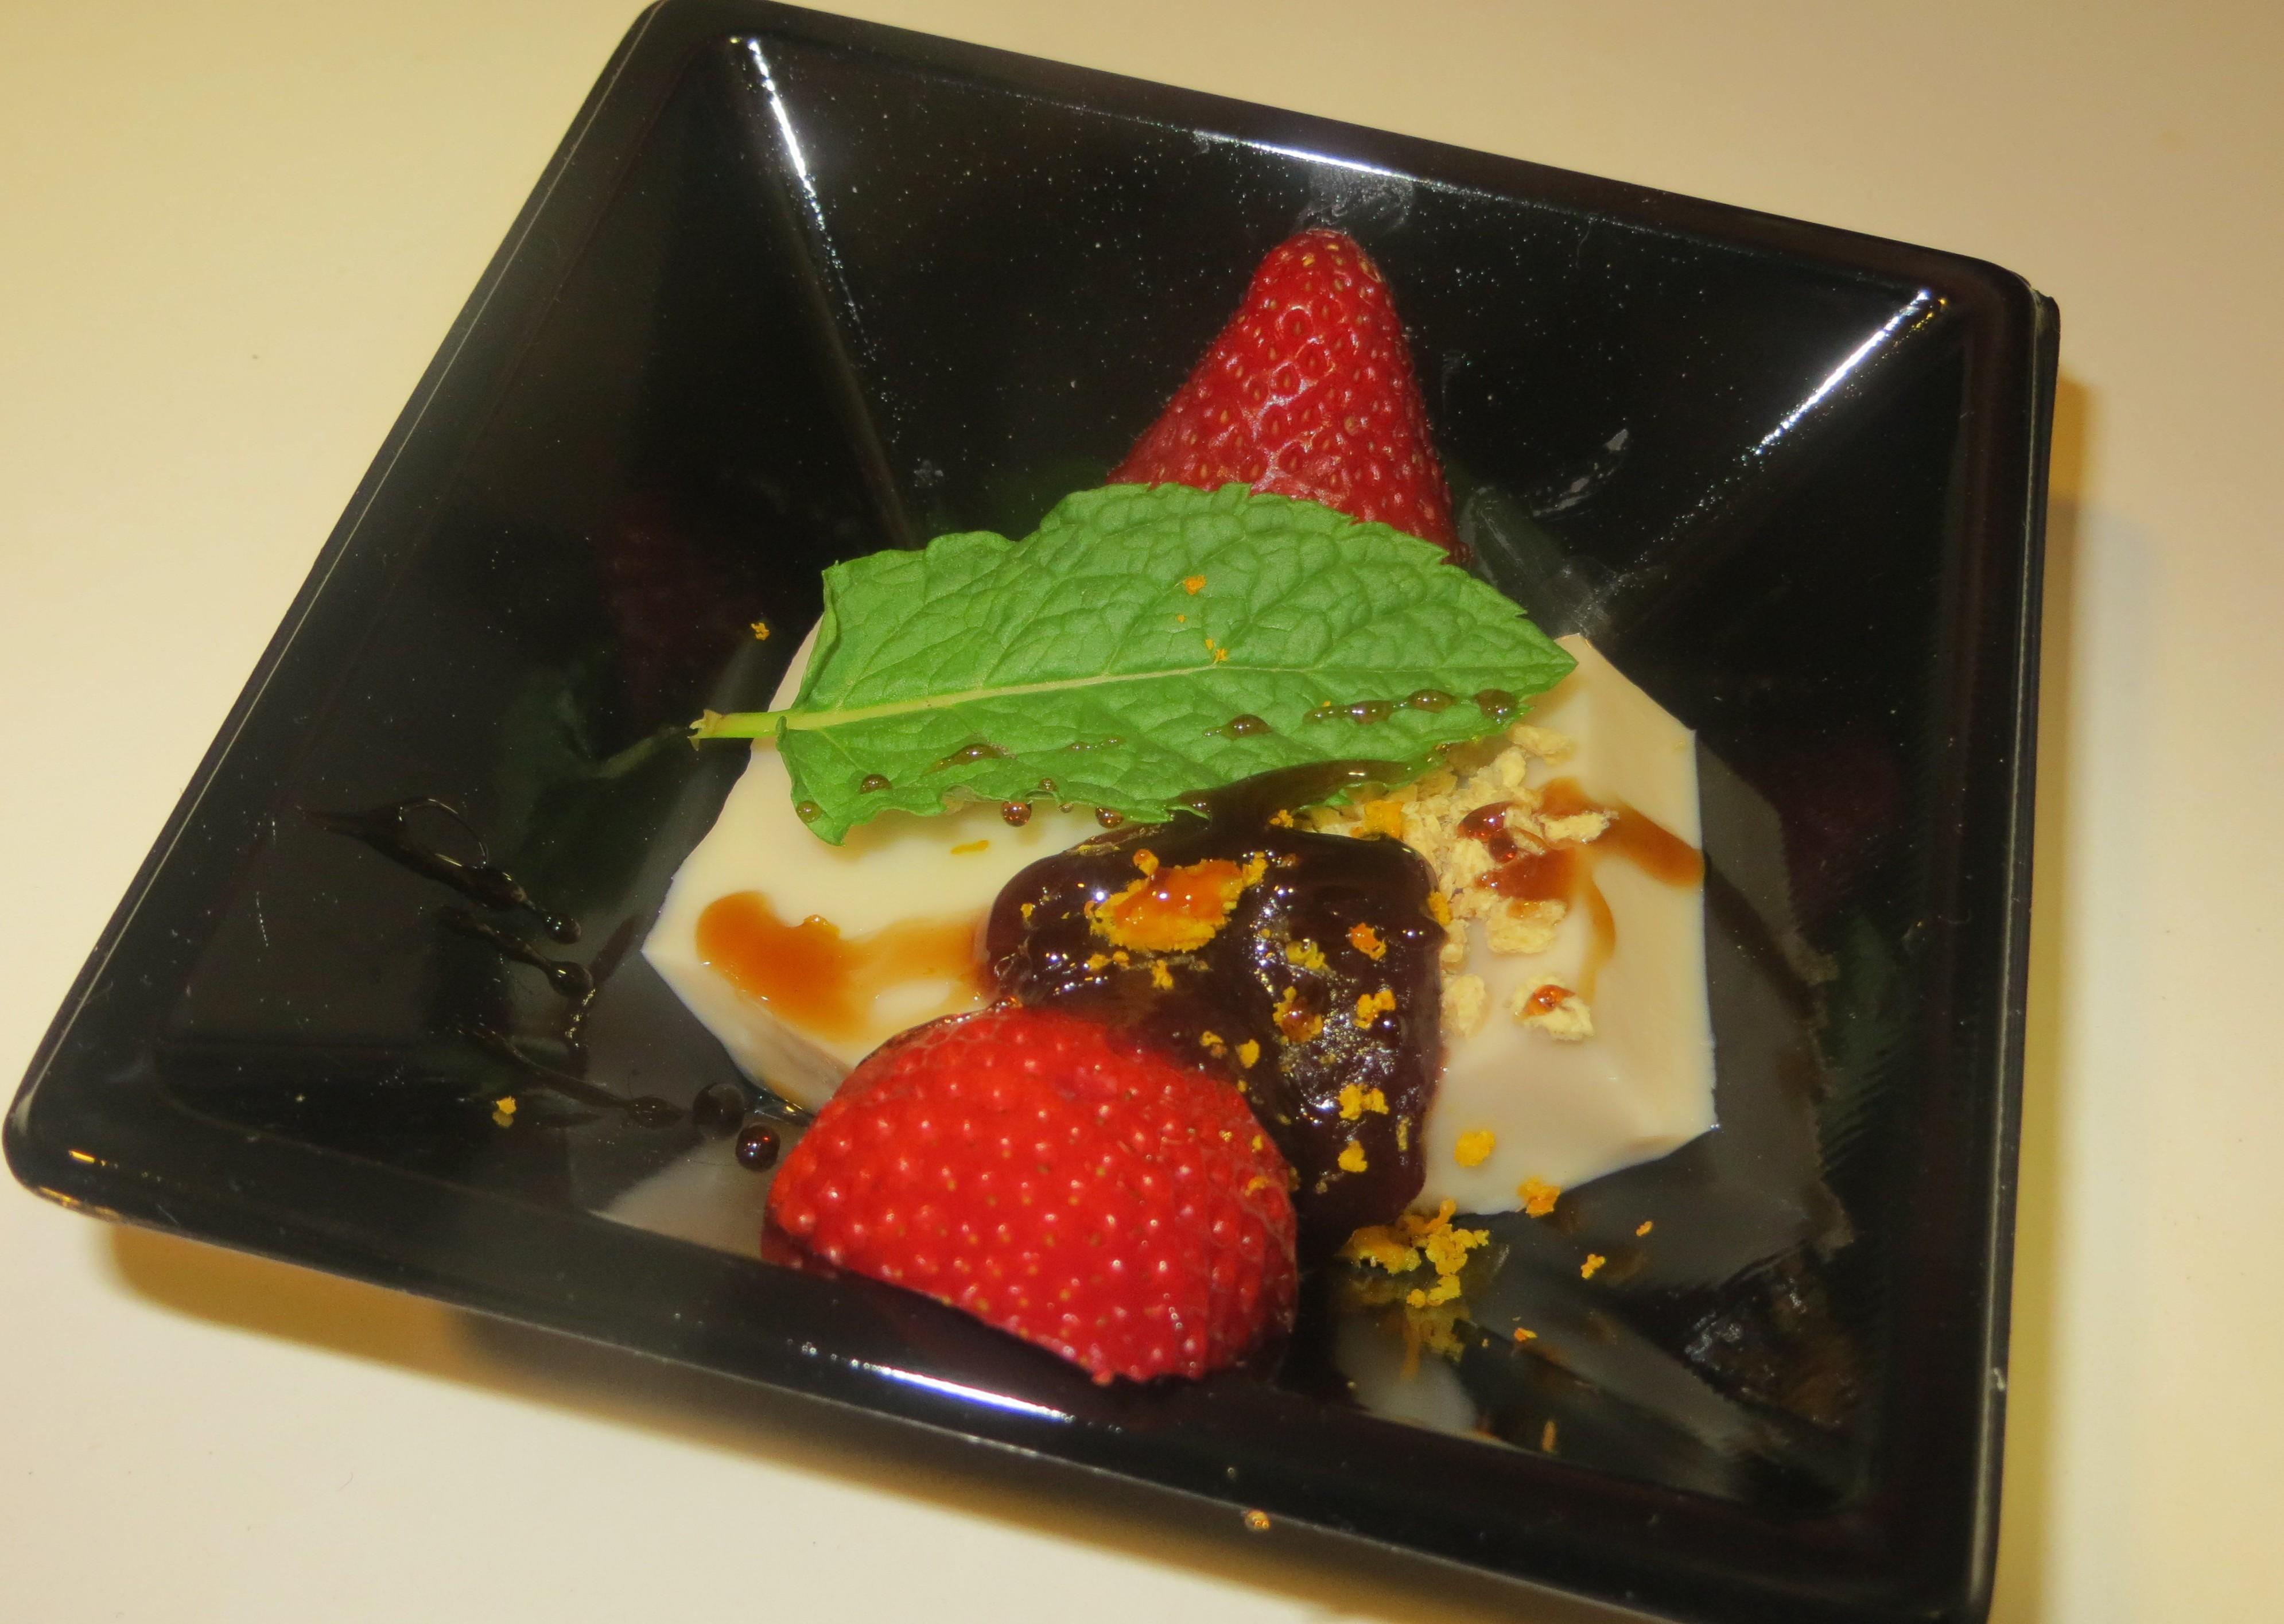 gelatina de chufa con mermelada de judía roja y granulado de soja